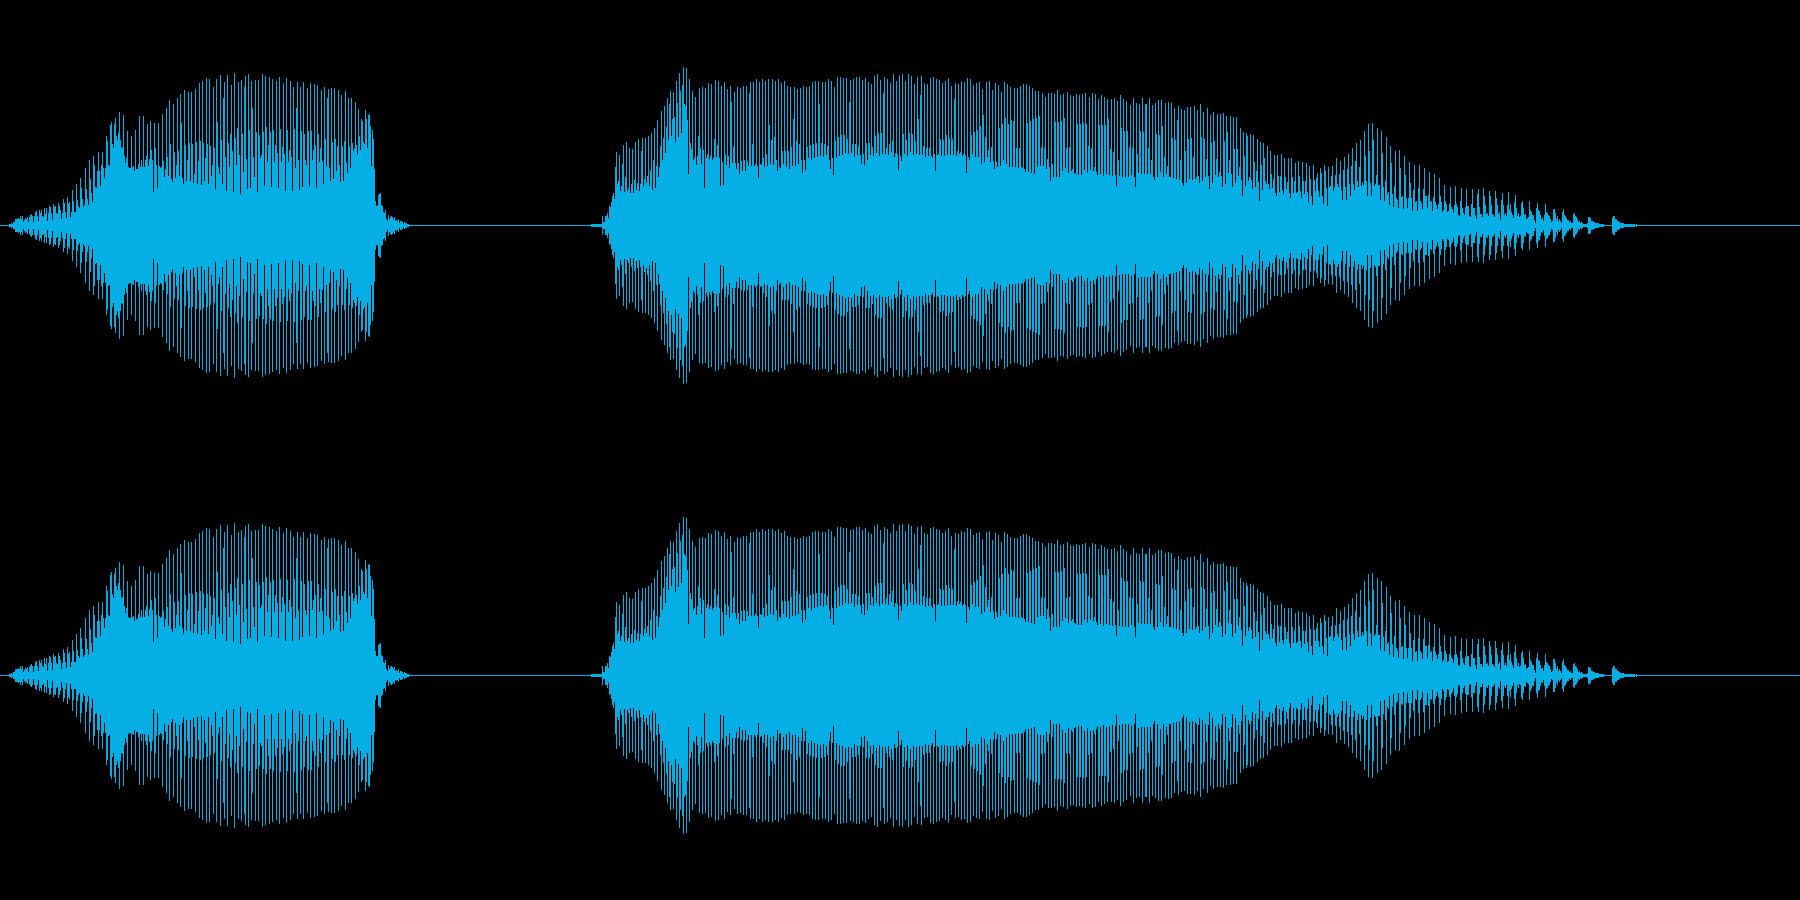 やったー - 幼稚園児女の子(4歳)の再生済みの波形